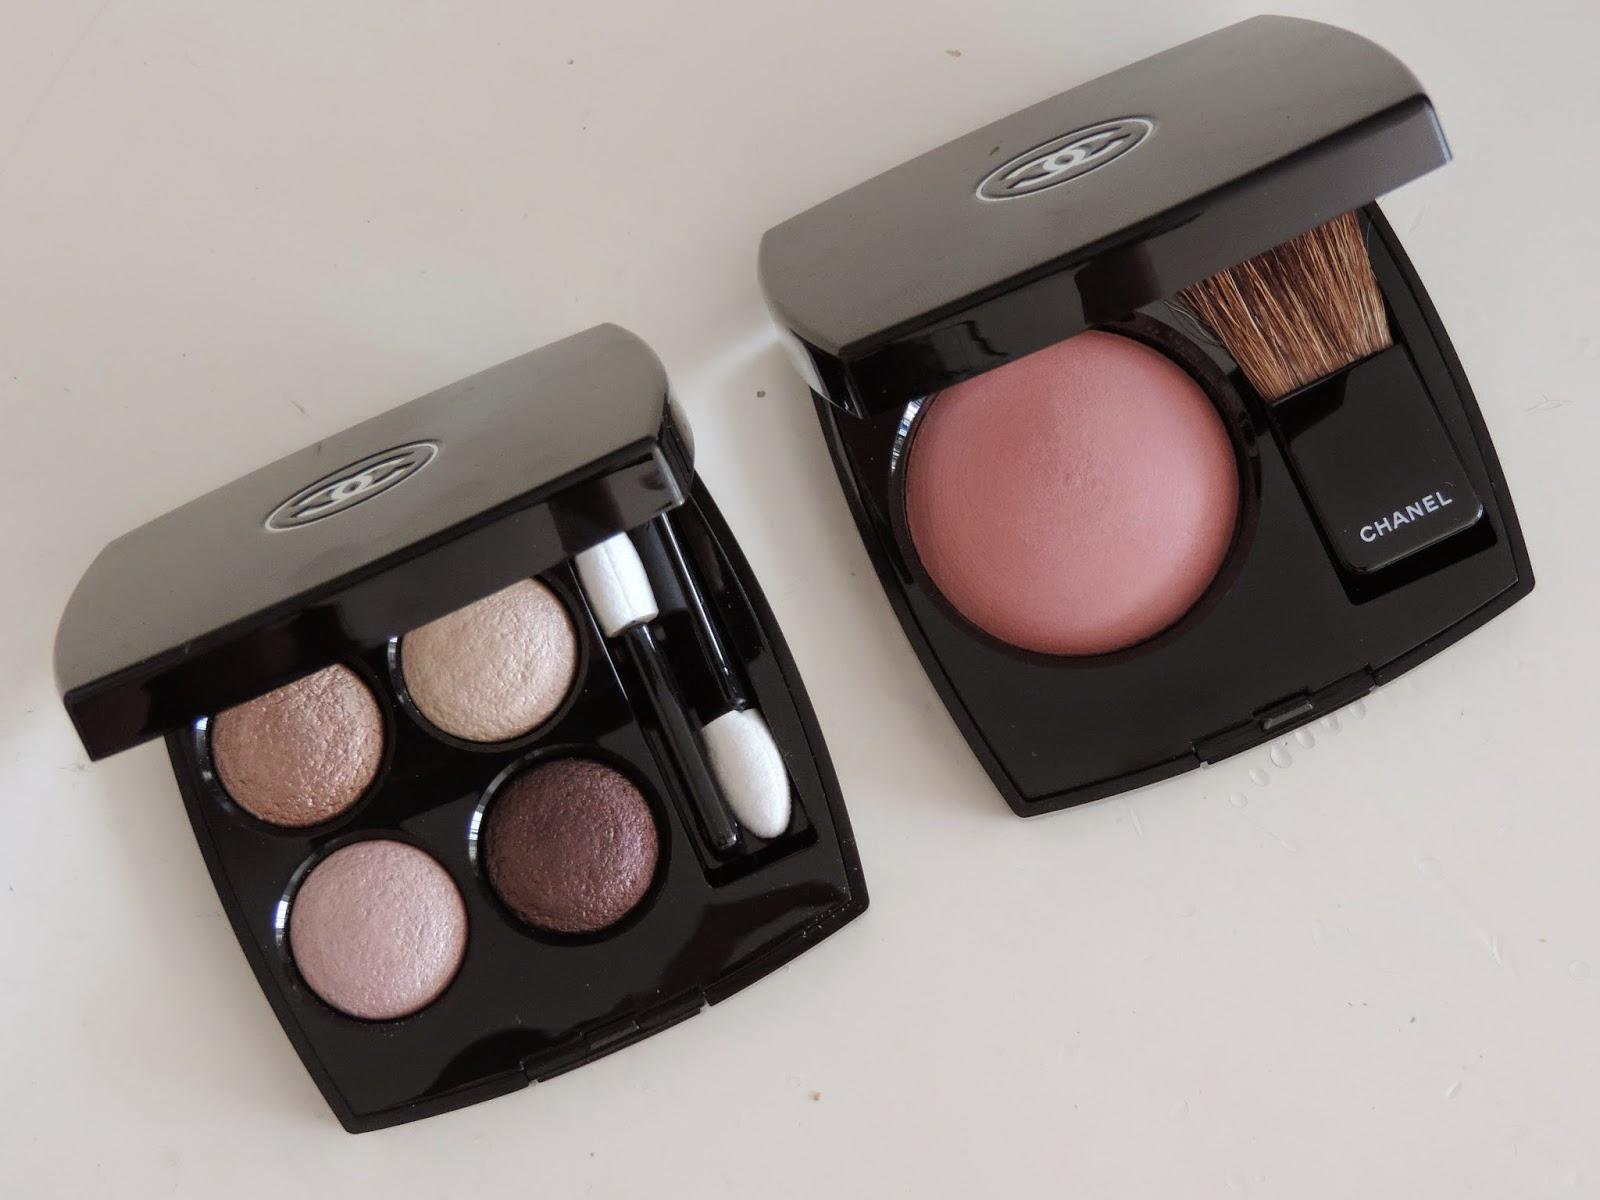 Chanel's ÉTATS POÉTIQUES Autumn/Winter 2014 Collection